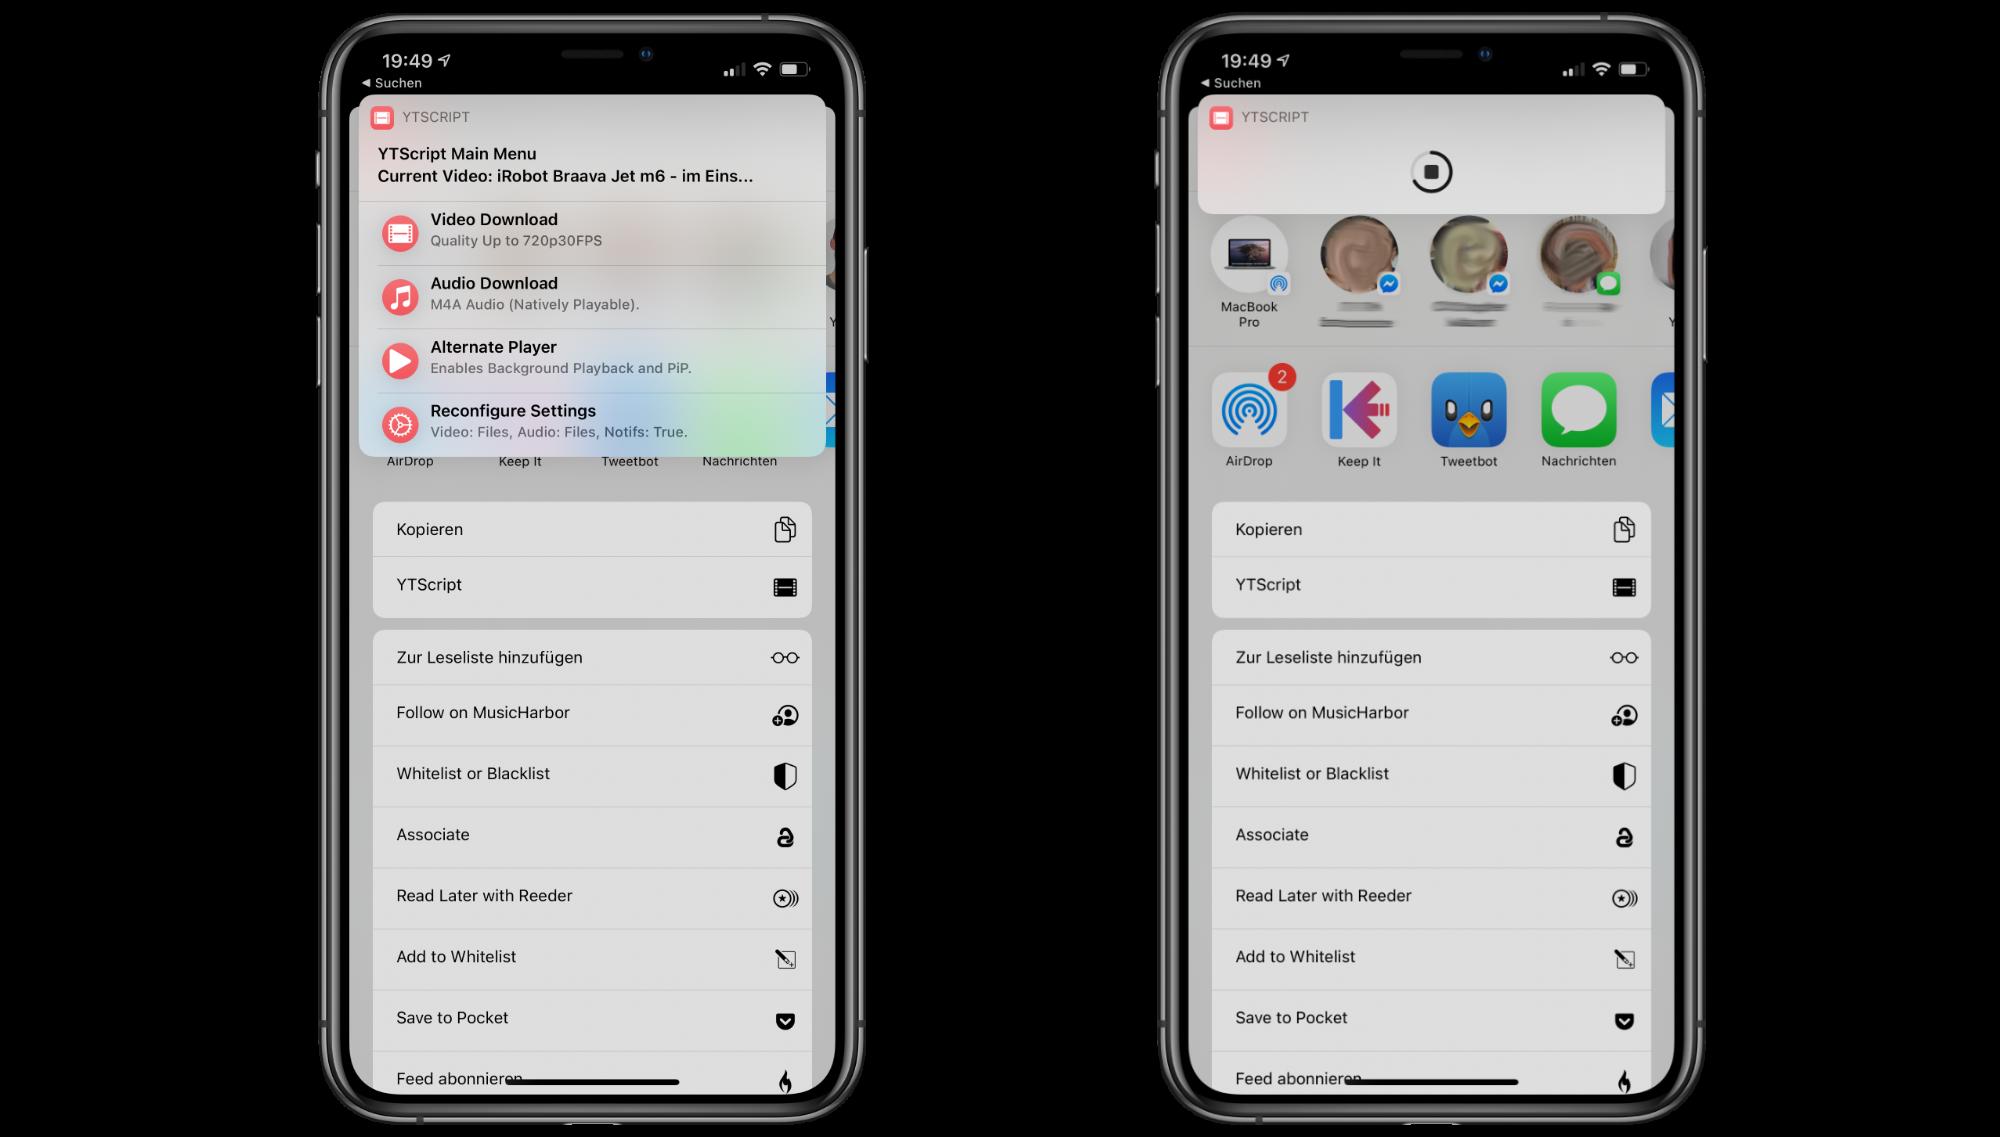 """22YTScript22-Kurzbefehl-lade-YouTube-Videos-als-VideoAudio-auf-dein-iPhoneiPad-herunter5 """"YTScript"""" Kurzbefehl - YouTube-Videos auf iPhone/iPad herunterladen"""